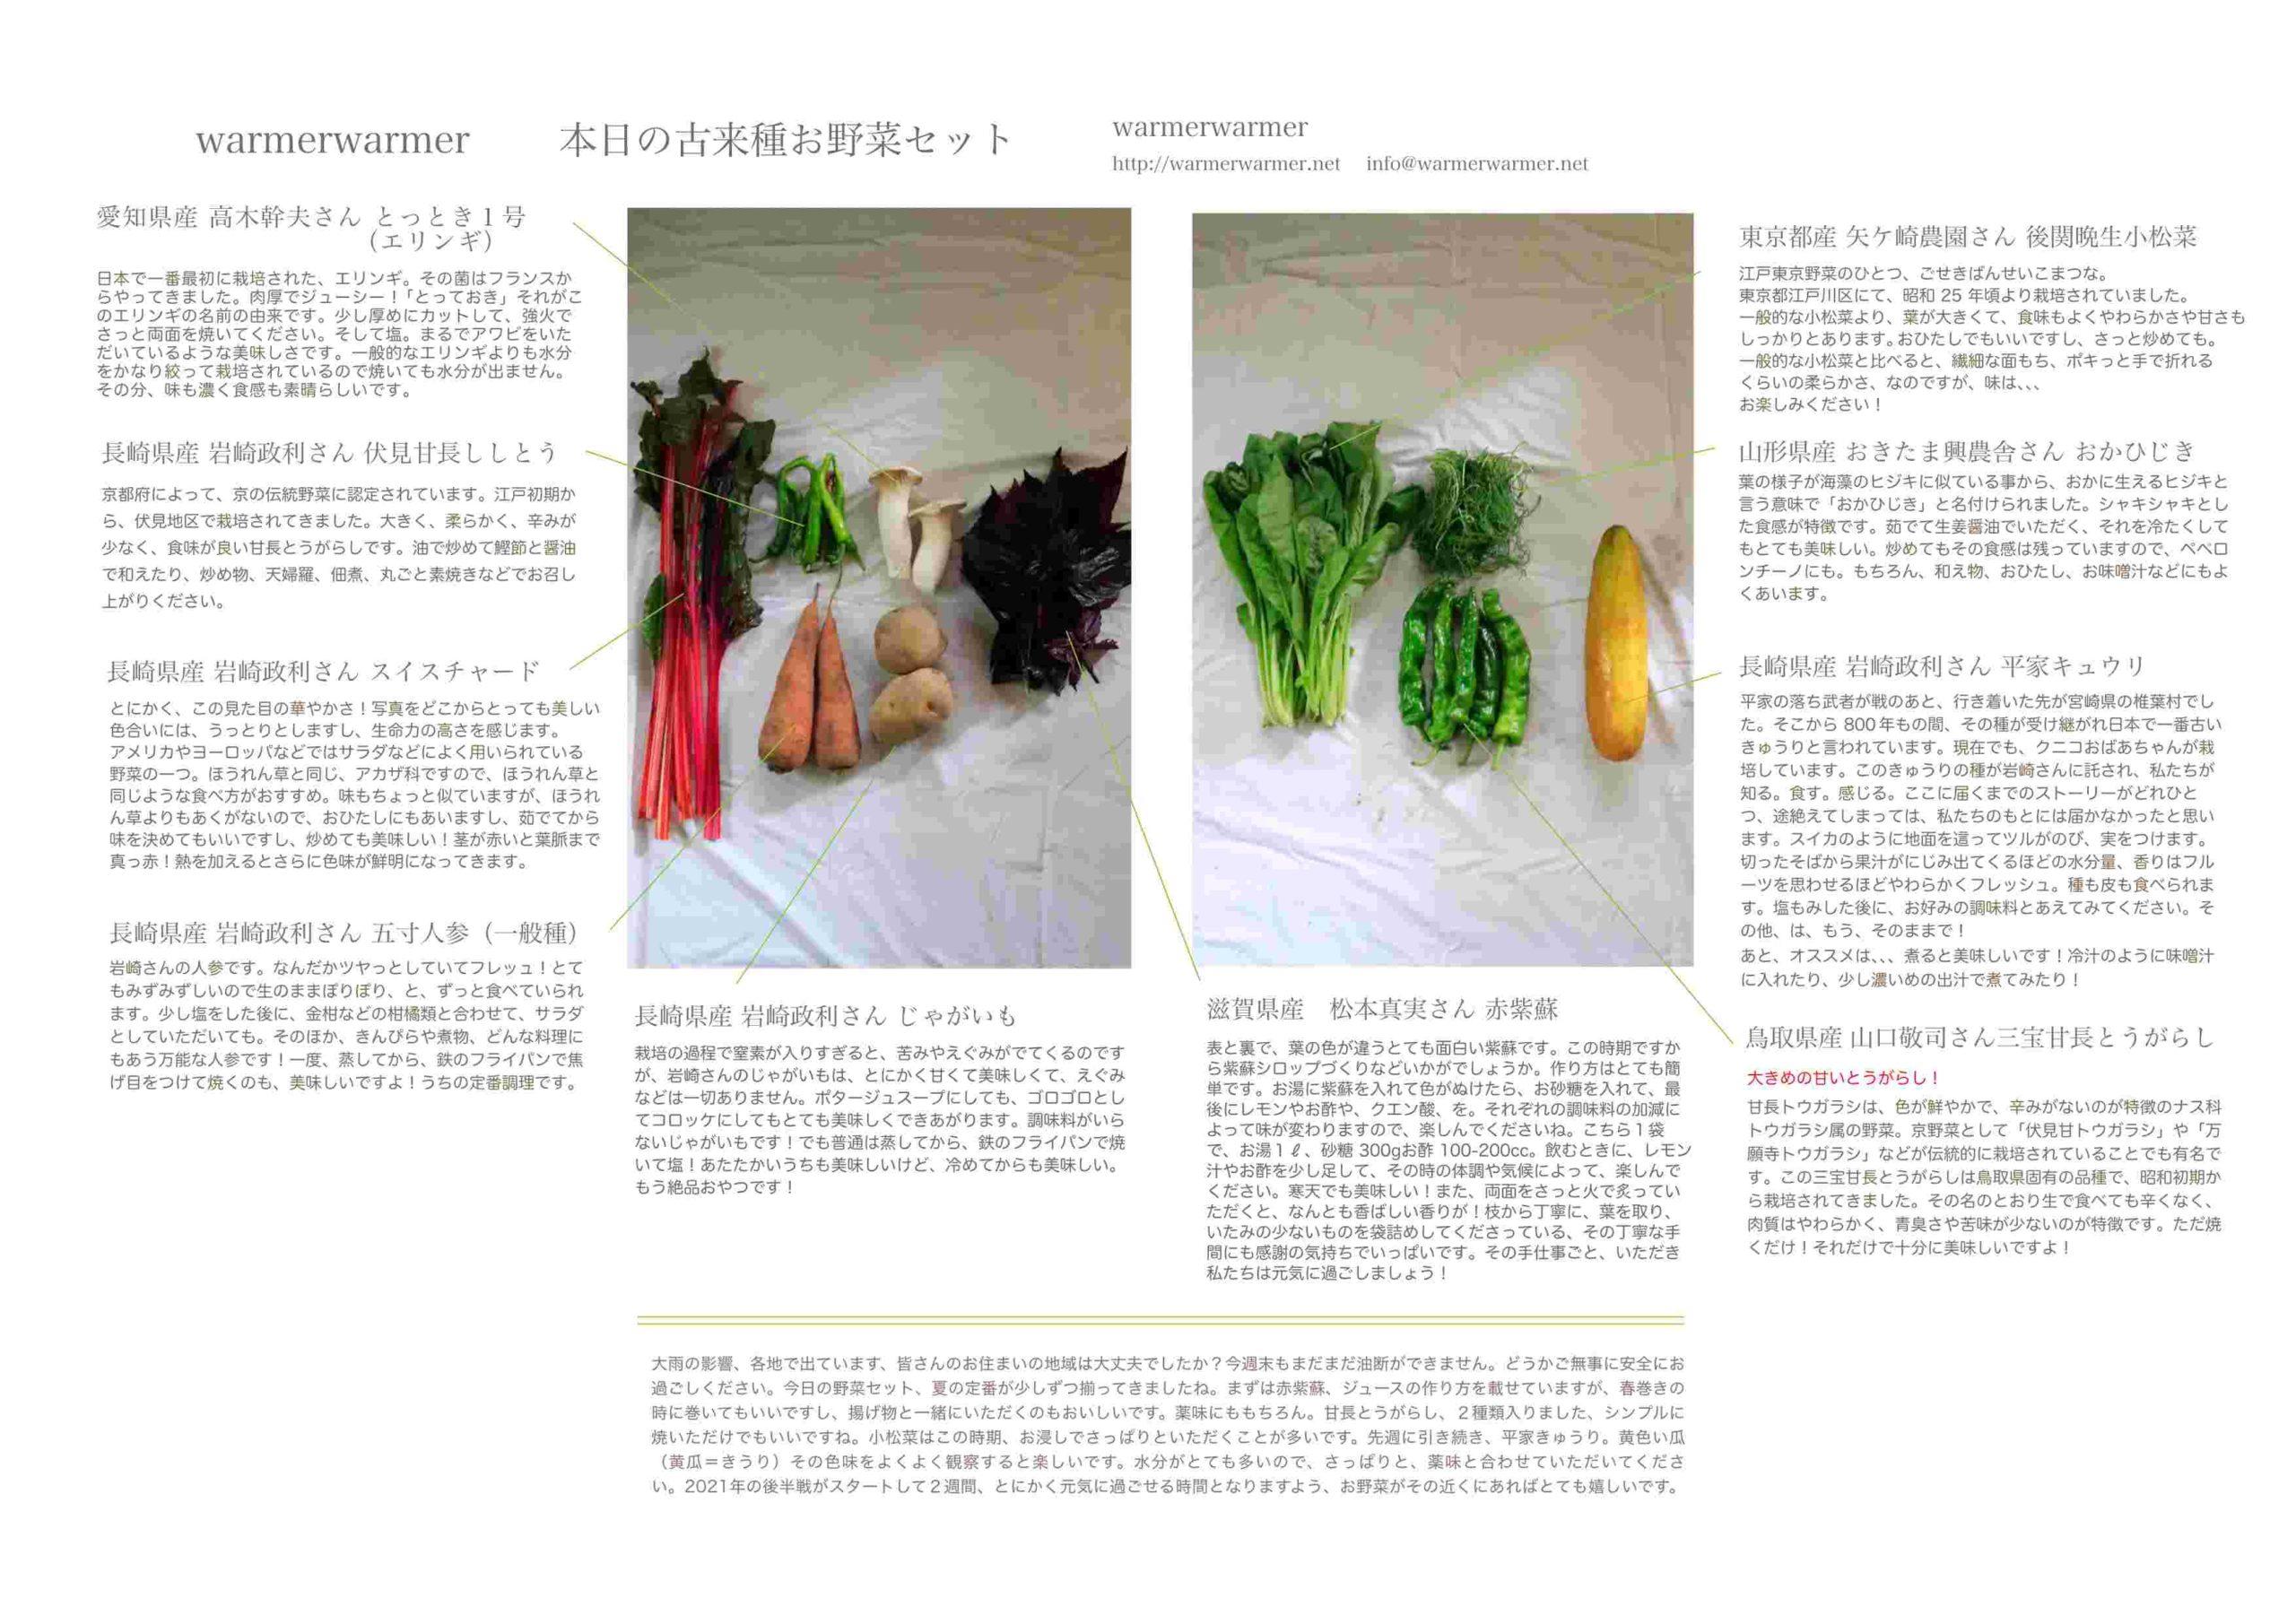 7月9日 本日のお野菜セットの内容です。